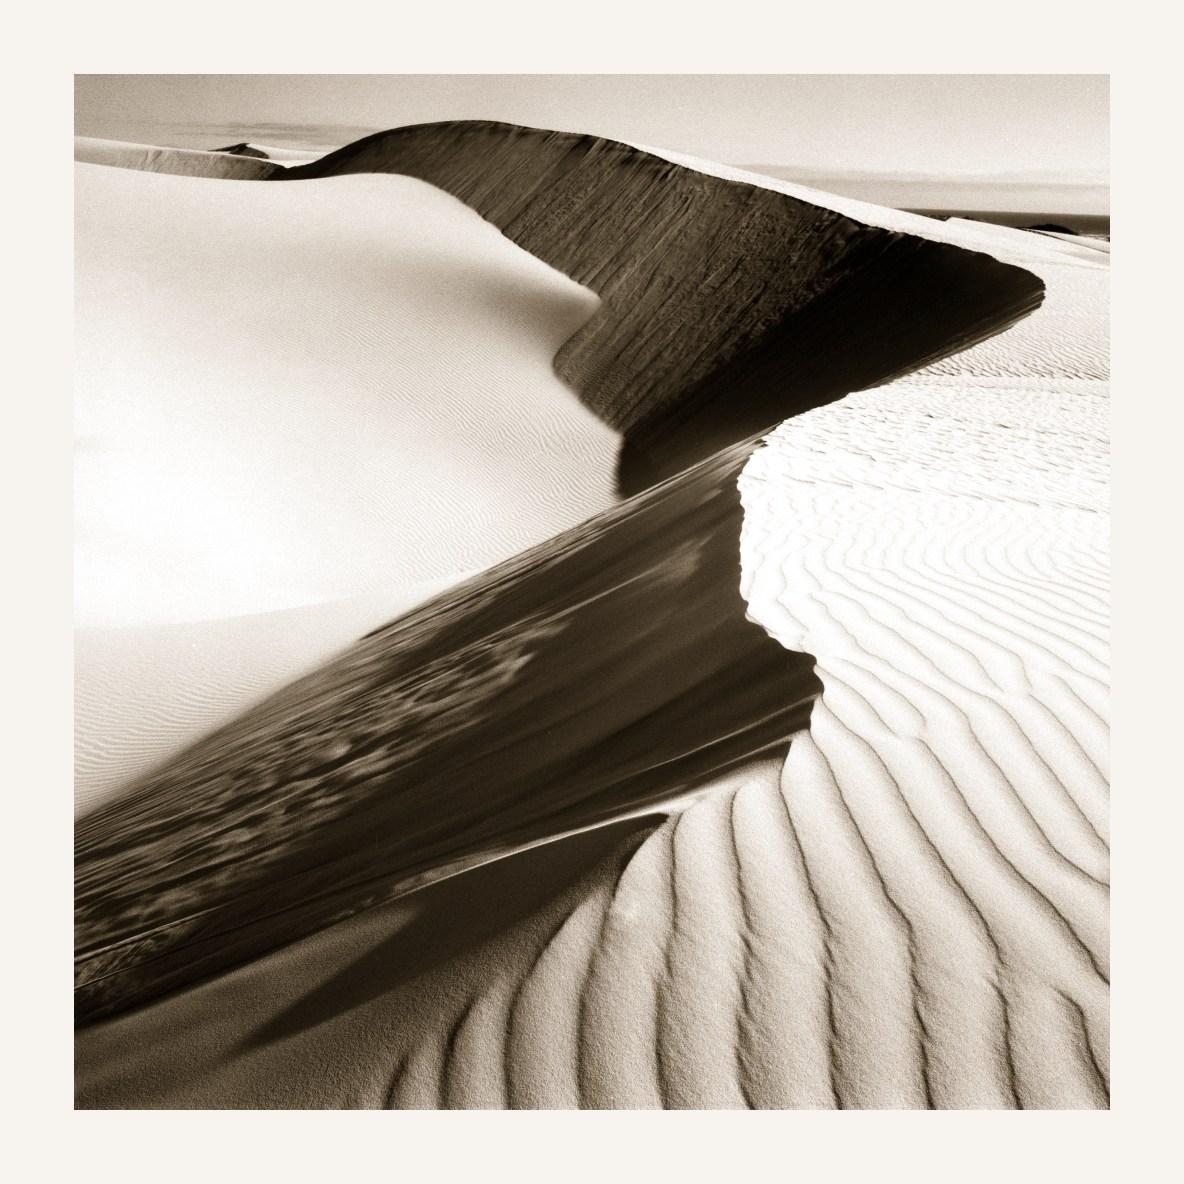 Dune Journey © Jack Wasserbach